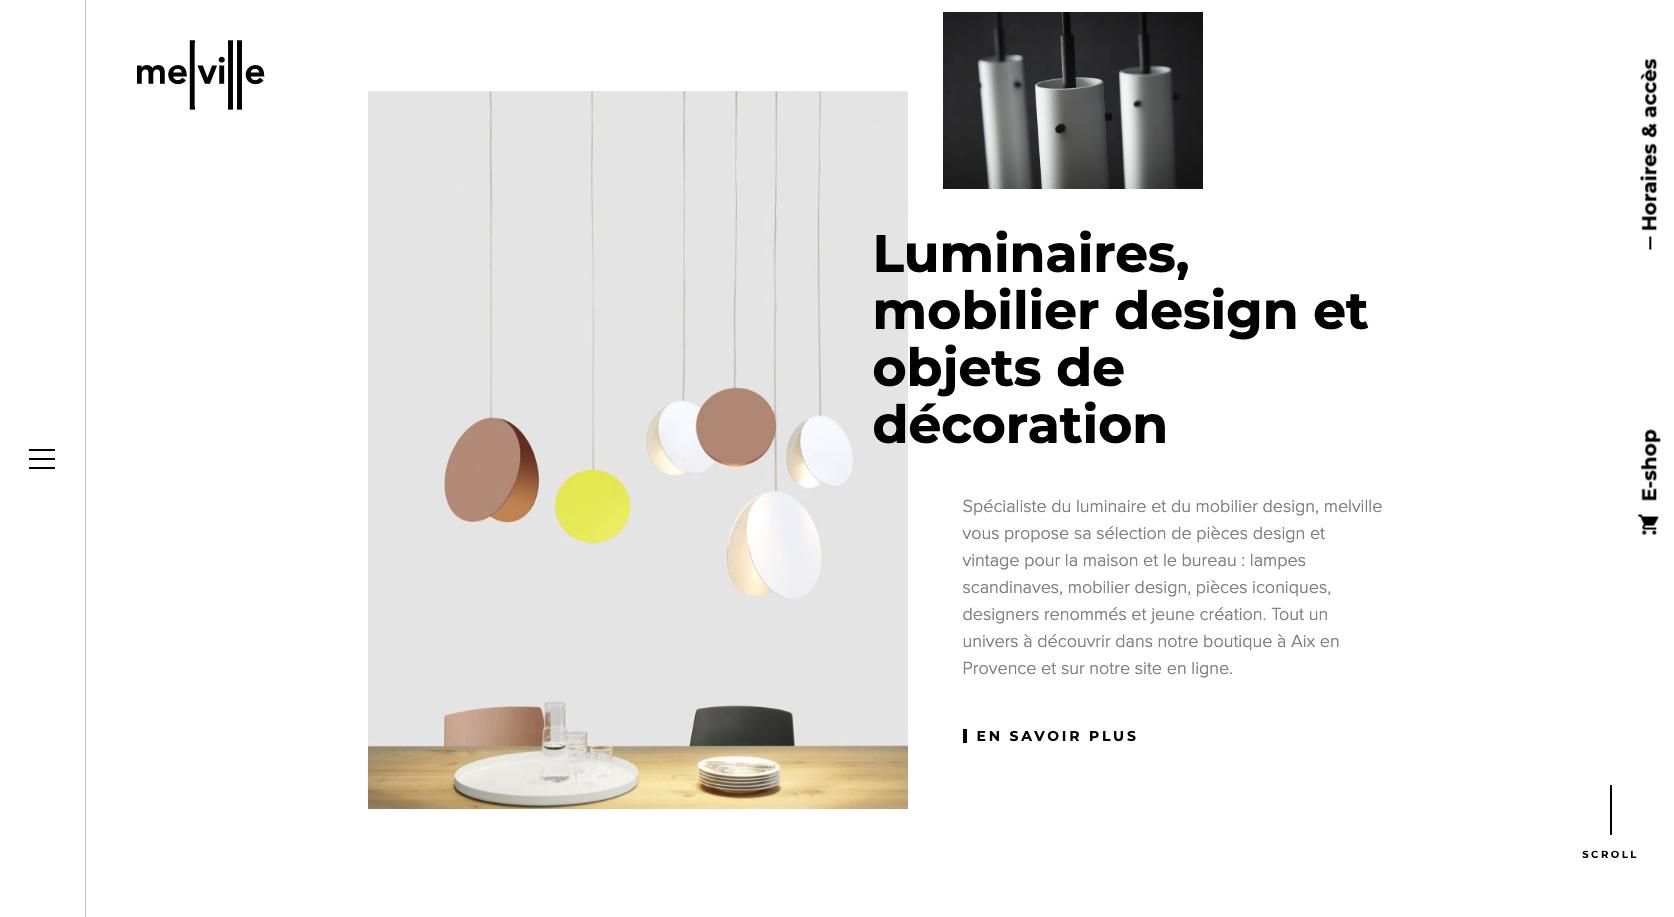 Melville design website